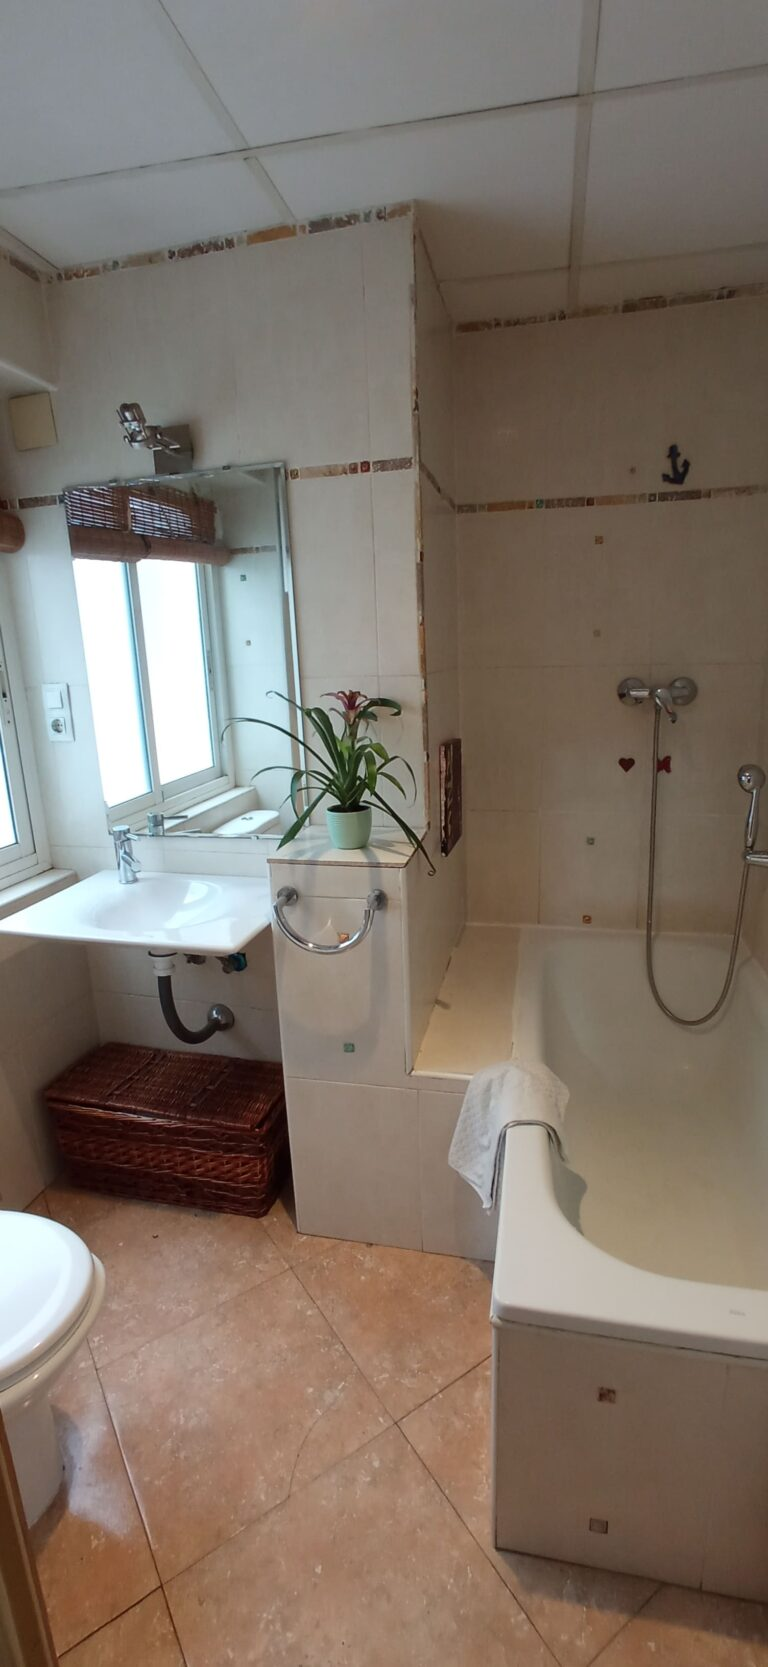 GT-0089-TS : Отремонтированная квартира в Аликанте